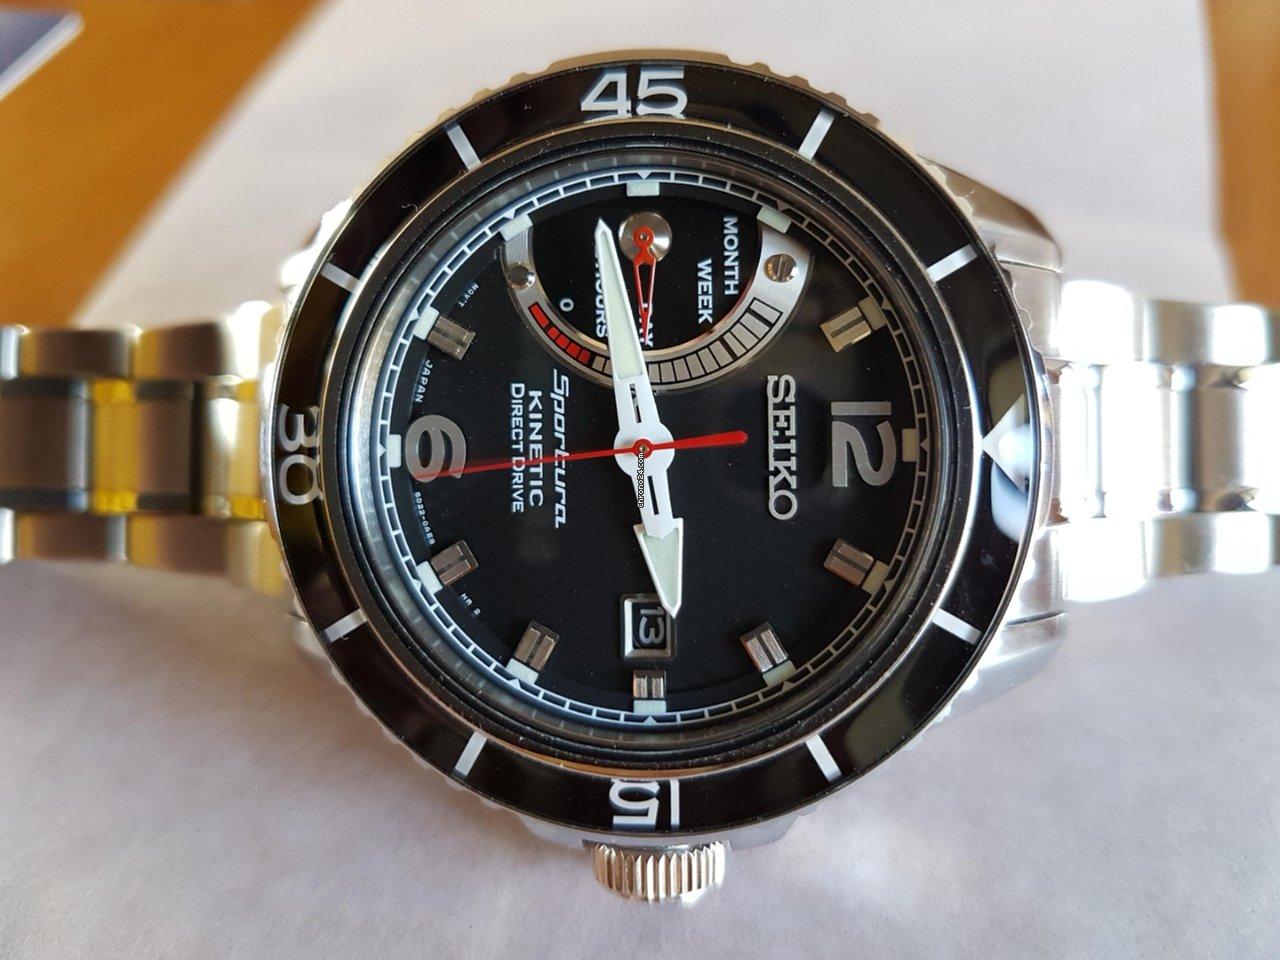 9ba81f226f30 Seiko Sportura - all prices for Seiko Sportura watches on Chrono24